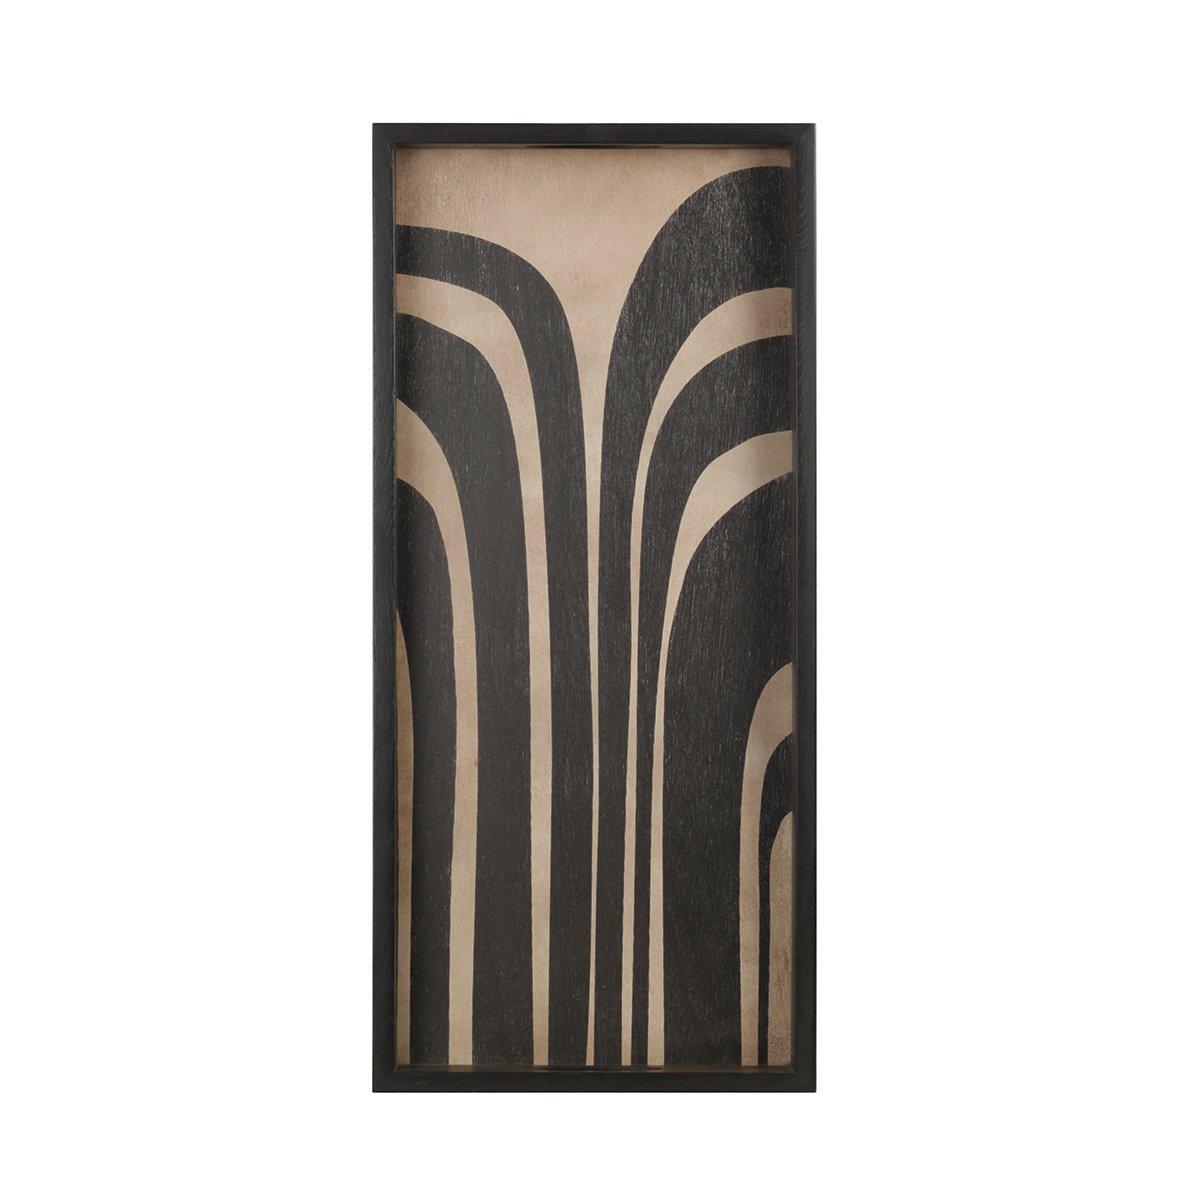 Ethnicraft Graphite Curves Dienblad